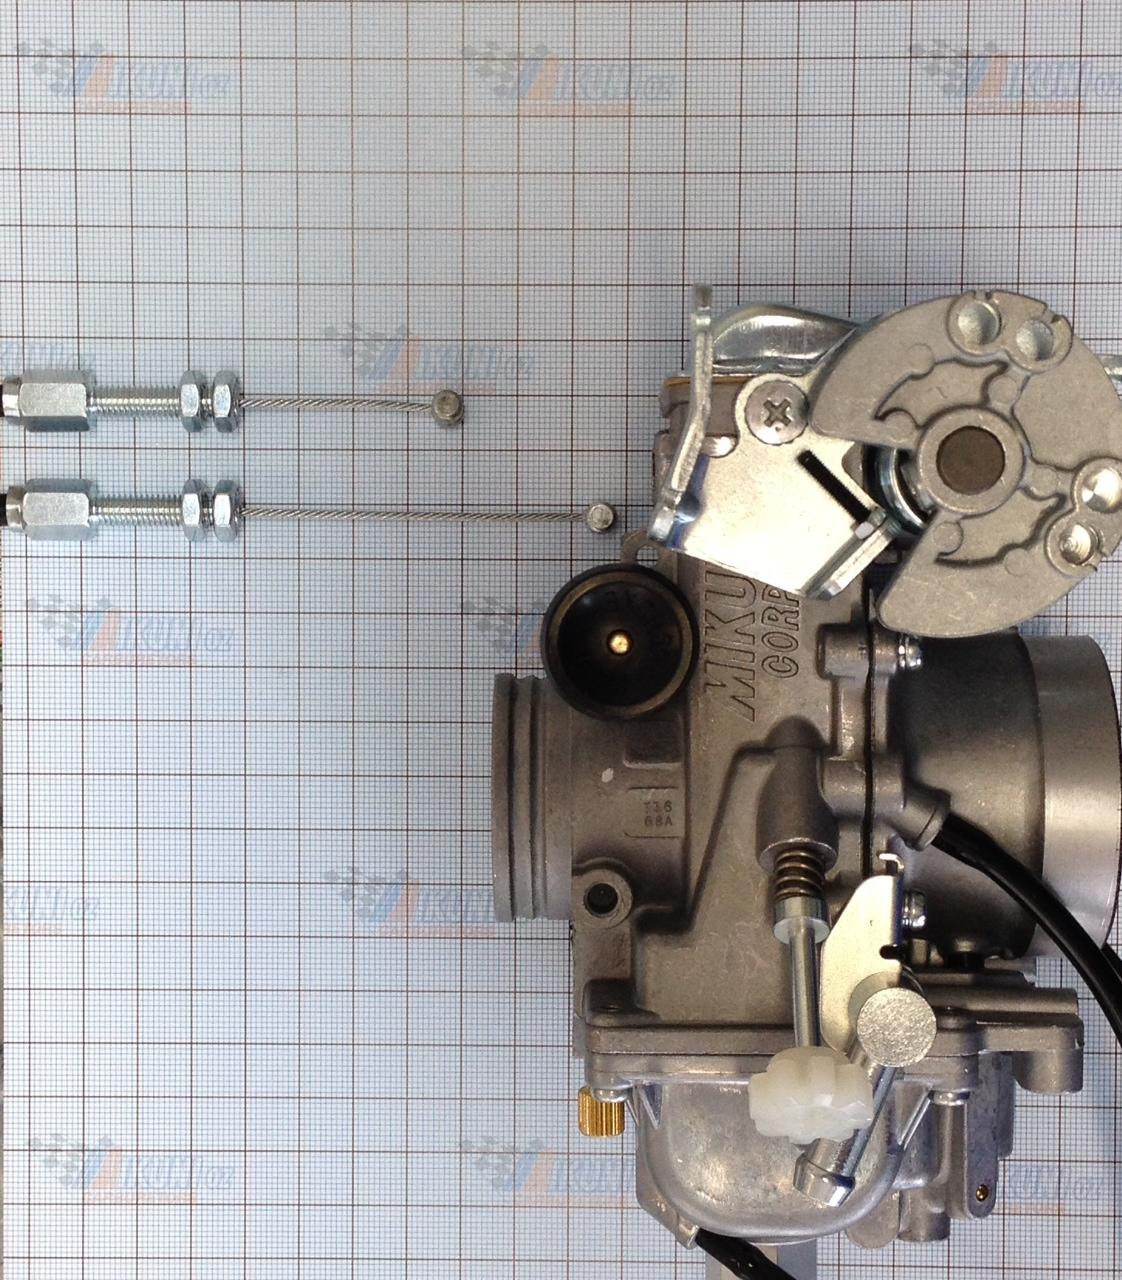 1 Tm36 68 Mikuni 36mm Tm Carb W Accelerator Pump Mikunioz 400 Carburetor Diagram Free Download Wiring Schematic